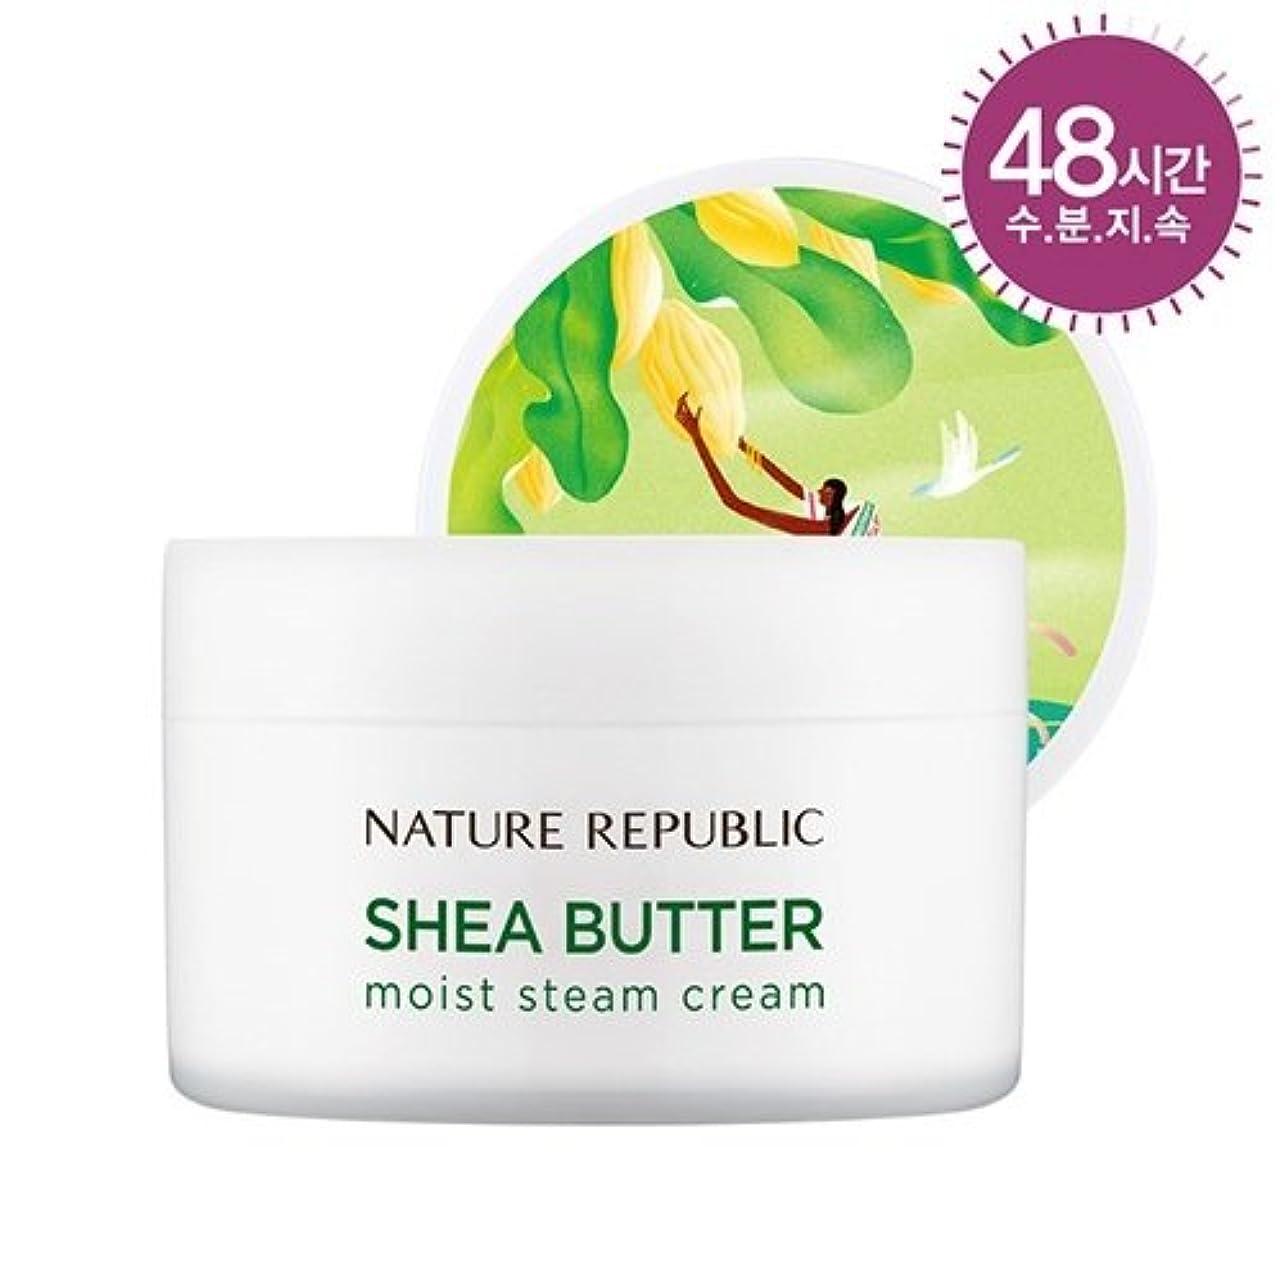 頬証拠周囲NATURE REPUBLIC(ネイチャーリパブリック) SHEA BUTTER STEAM CREAM シアバター スチーム クリーム #モイスト乾燥肌